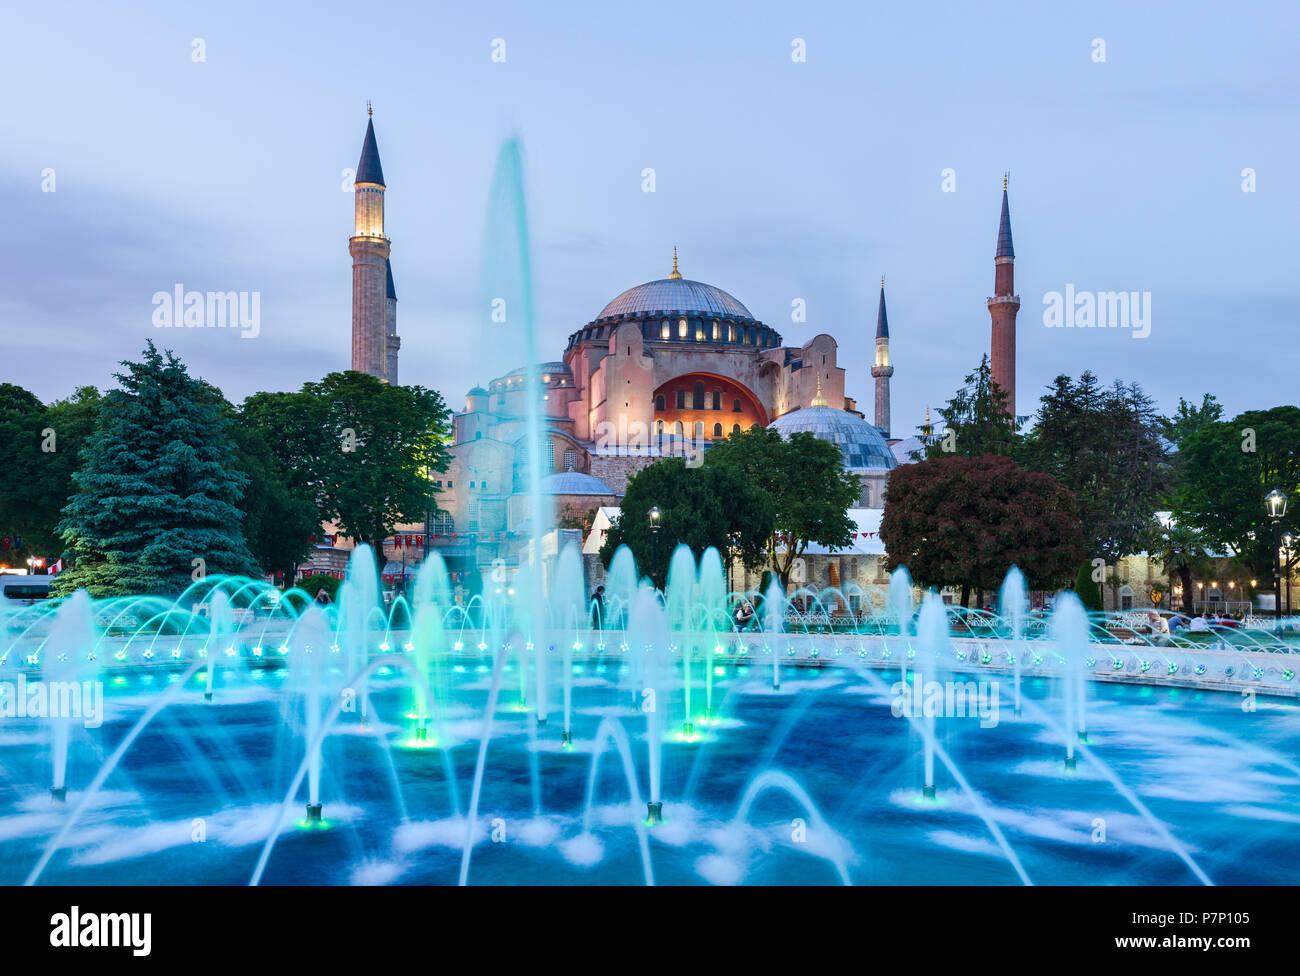 Le Sultan Ahmad Maydan fontaine illuminée avec le musée Sainte-Sophie en arrière-plan au coucher du soleil, Istanbul, Turquie Banque D'Images